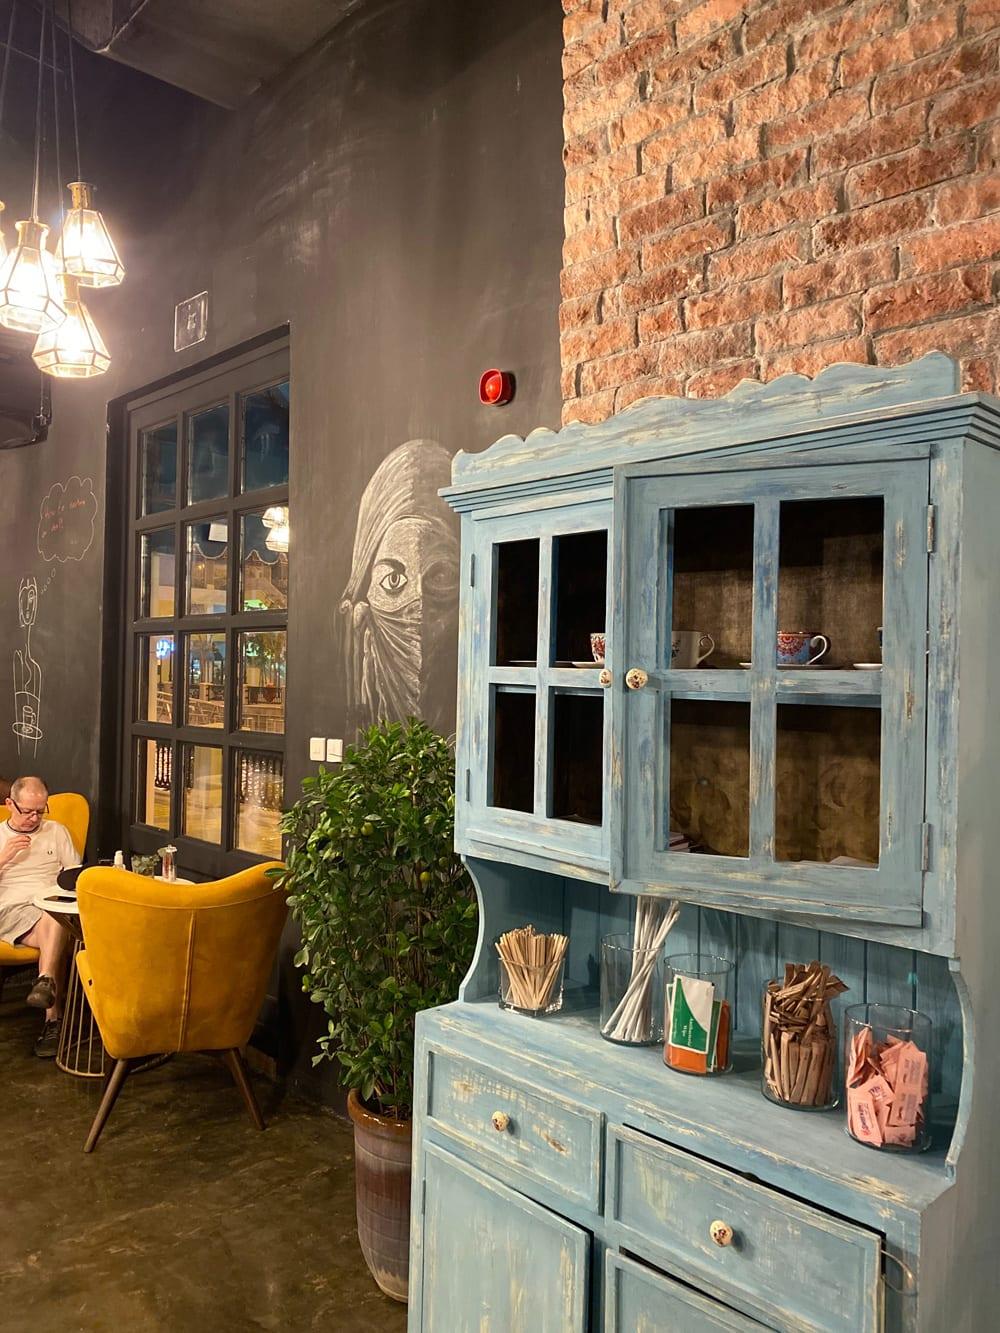 """Im Restaurant des """"The Pearl"""" in Doha, Katar ist der dieser Shabby Chic-Schrank ein echter Hingucker, Foto: ALI AOTHMAN / Unsplash"""